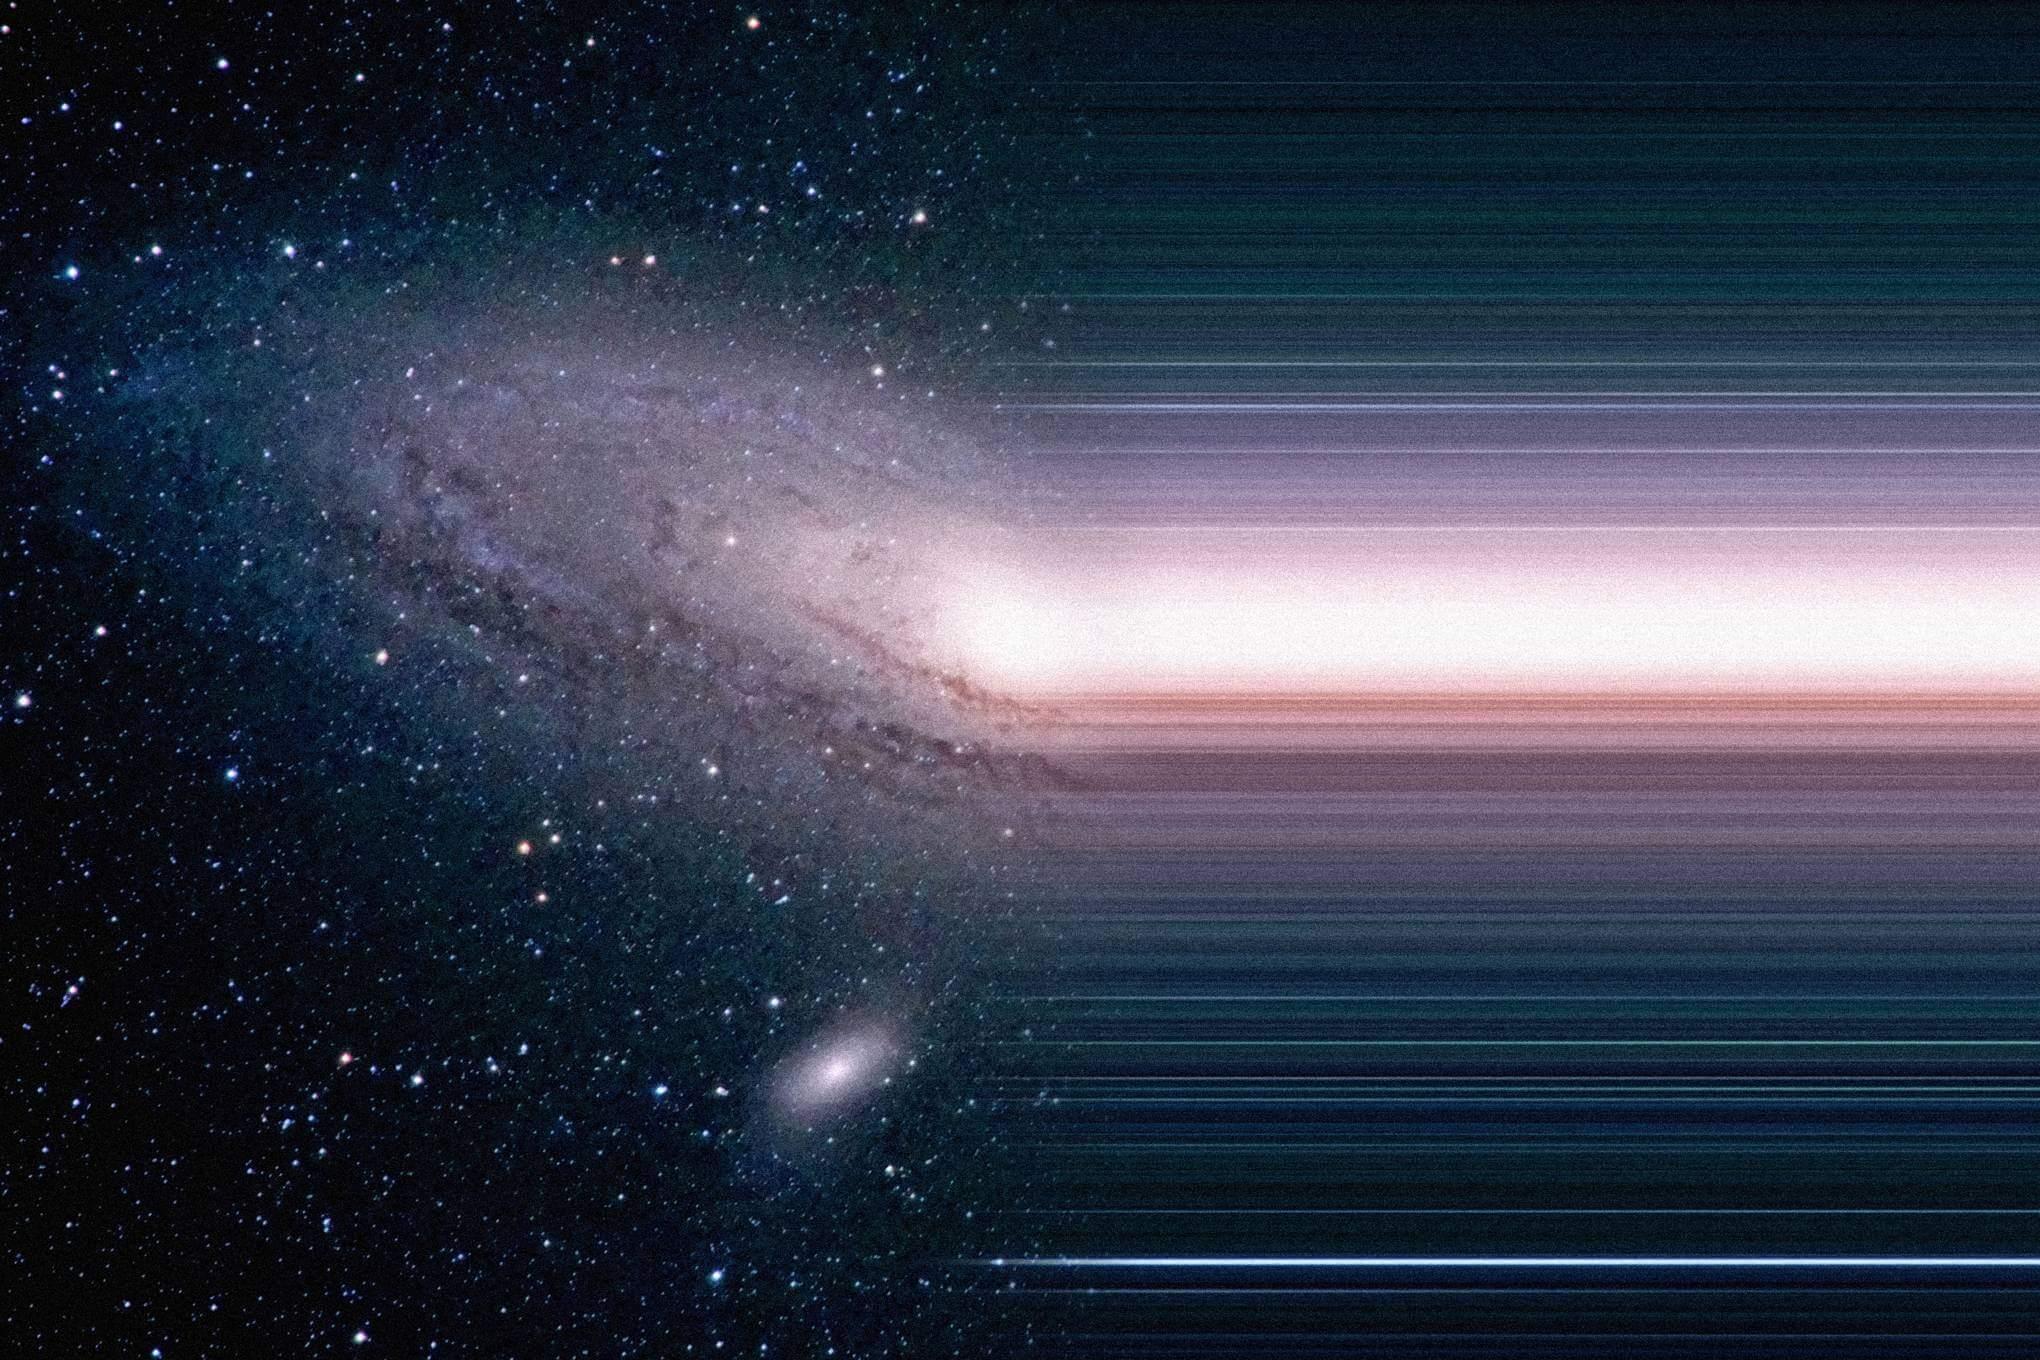 Ограничения скорости обнаружены в квантовом мире